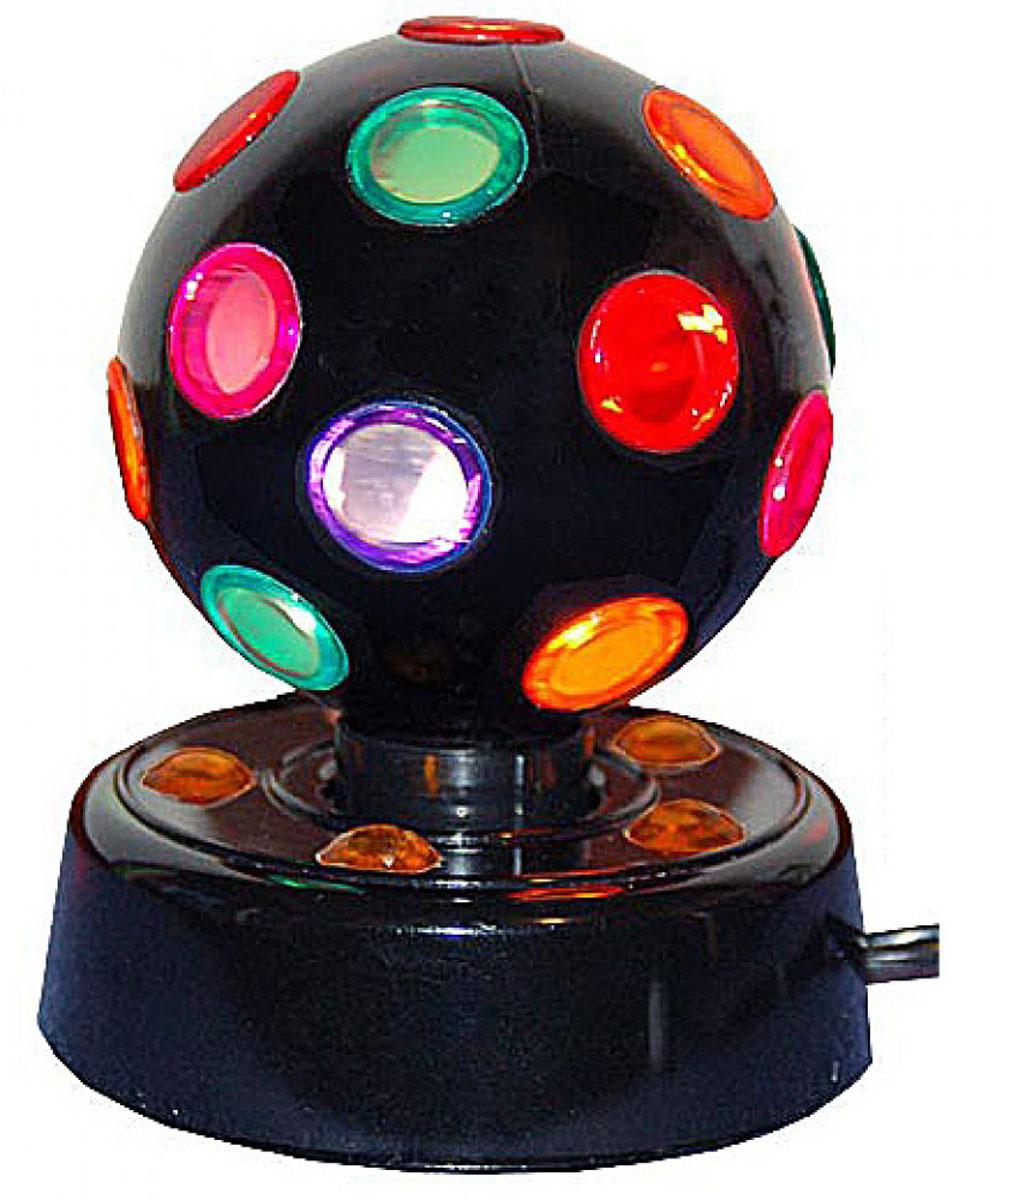 Дискошар средний Эврика D-14 см, Н-20 см92696Диско-светильник средний. Предназначен для использования преимущественно в затемненных помещениях. При включении в сеть, начинает вращаться шар, а по комнате бегают разноцветные солнечные зайчики. Диско шар создаст в вашей комнате атмосферу DISCO и любую вечеринку сделает веселой и интересной!